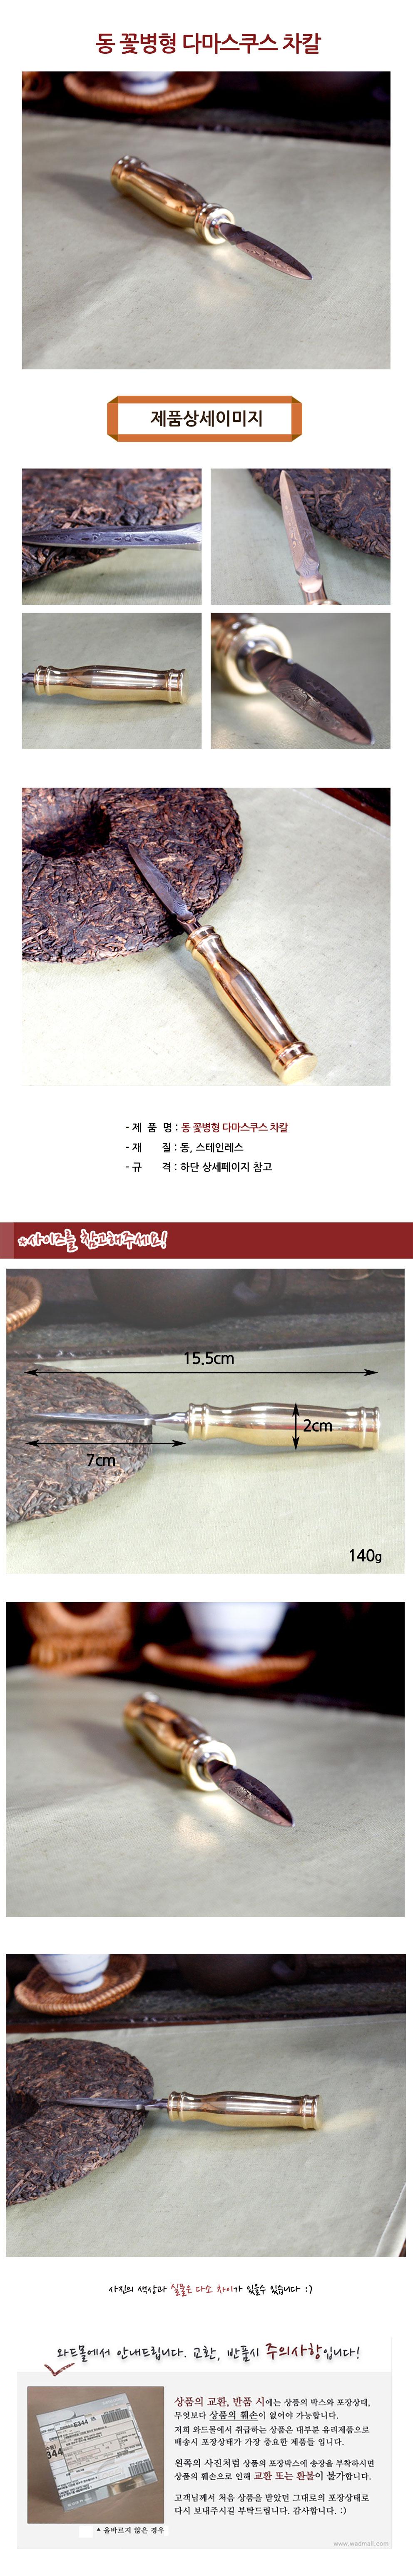 동 꽃병형 다마스쿠스 차칼 - 덕의방, 68,900원, 칼/커팅기구, 칼 세트